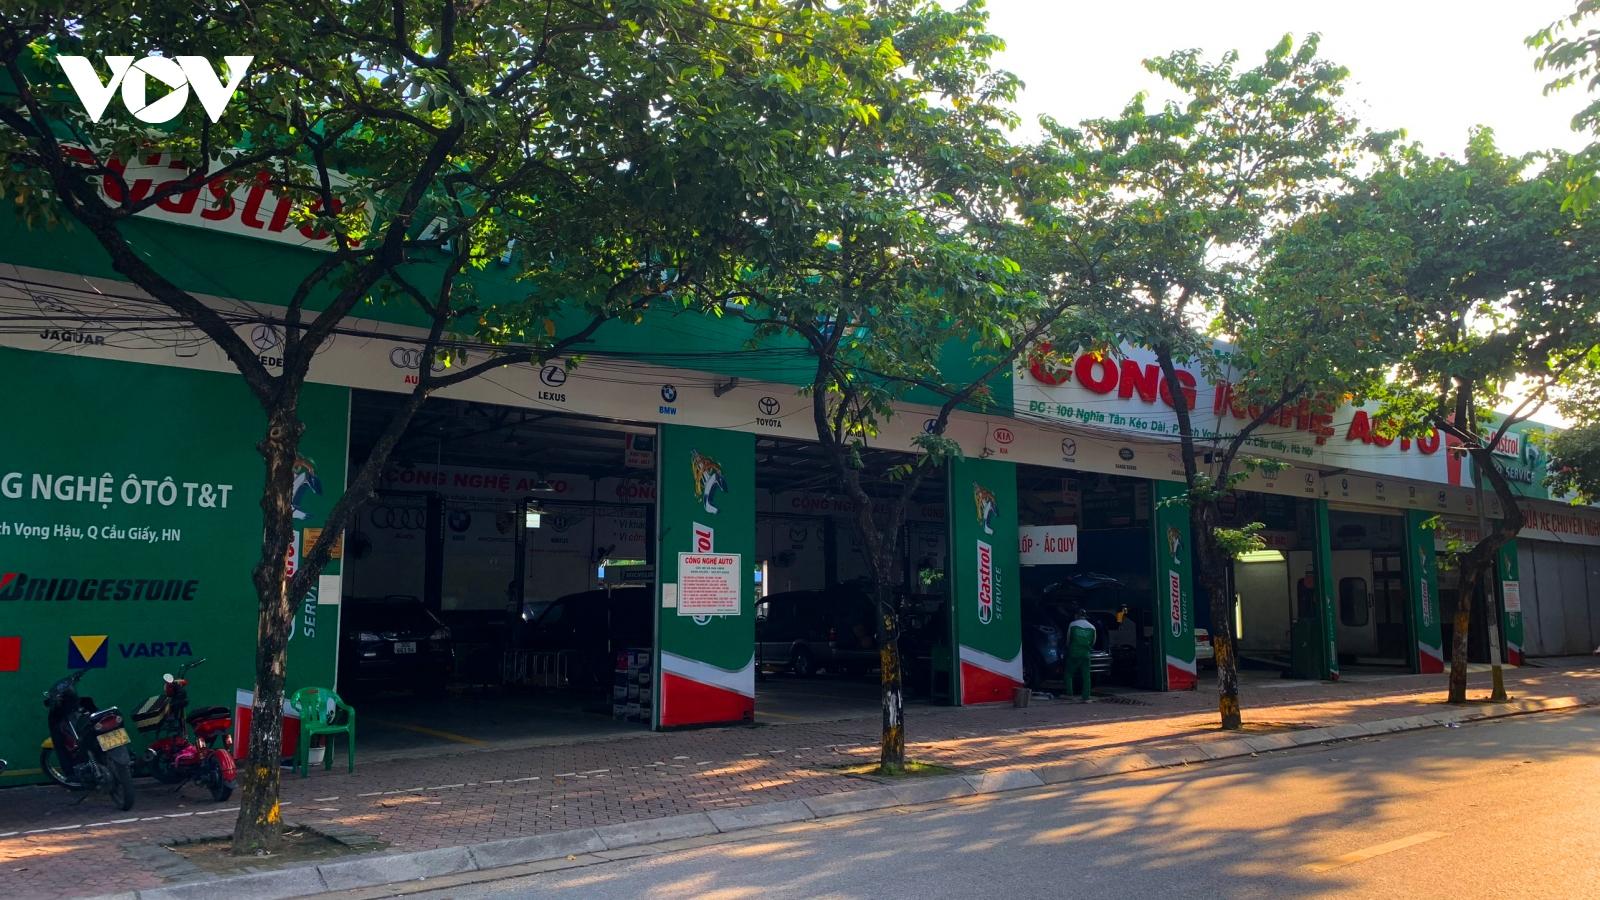 Sau giãn cách xã hội, nhiều gara ô tô tại Hà Nội thiếu thợ